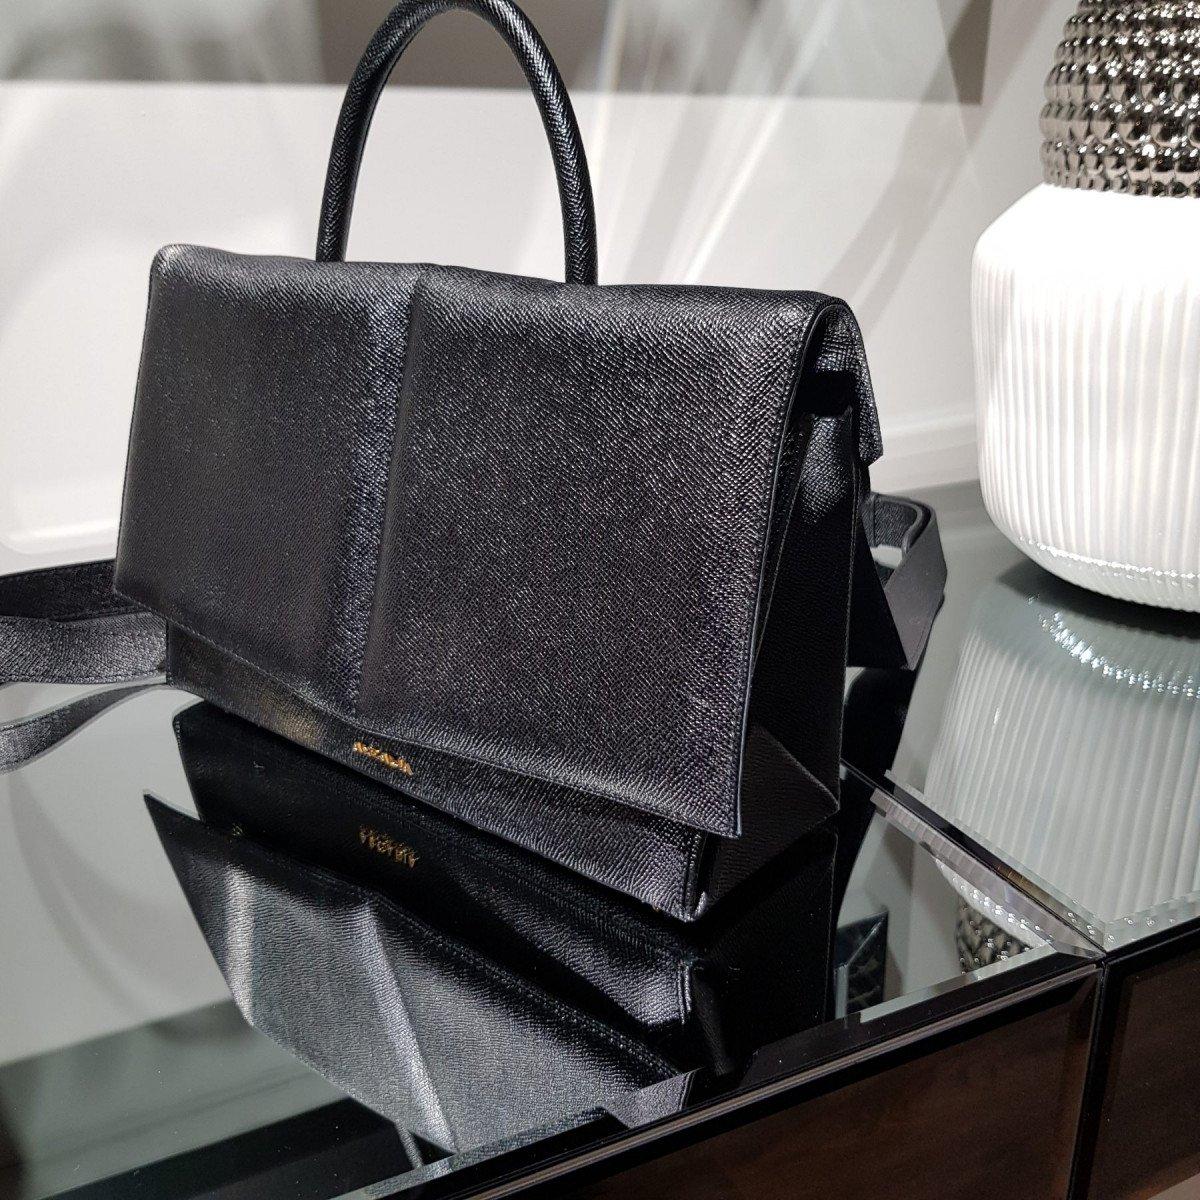 Итальянская женская сумка Arcadia 3940 galux nero из натуральной кожи